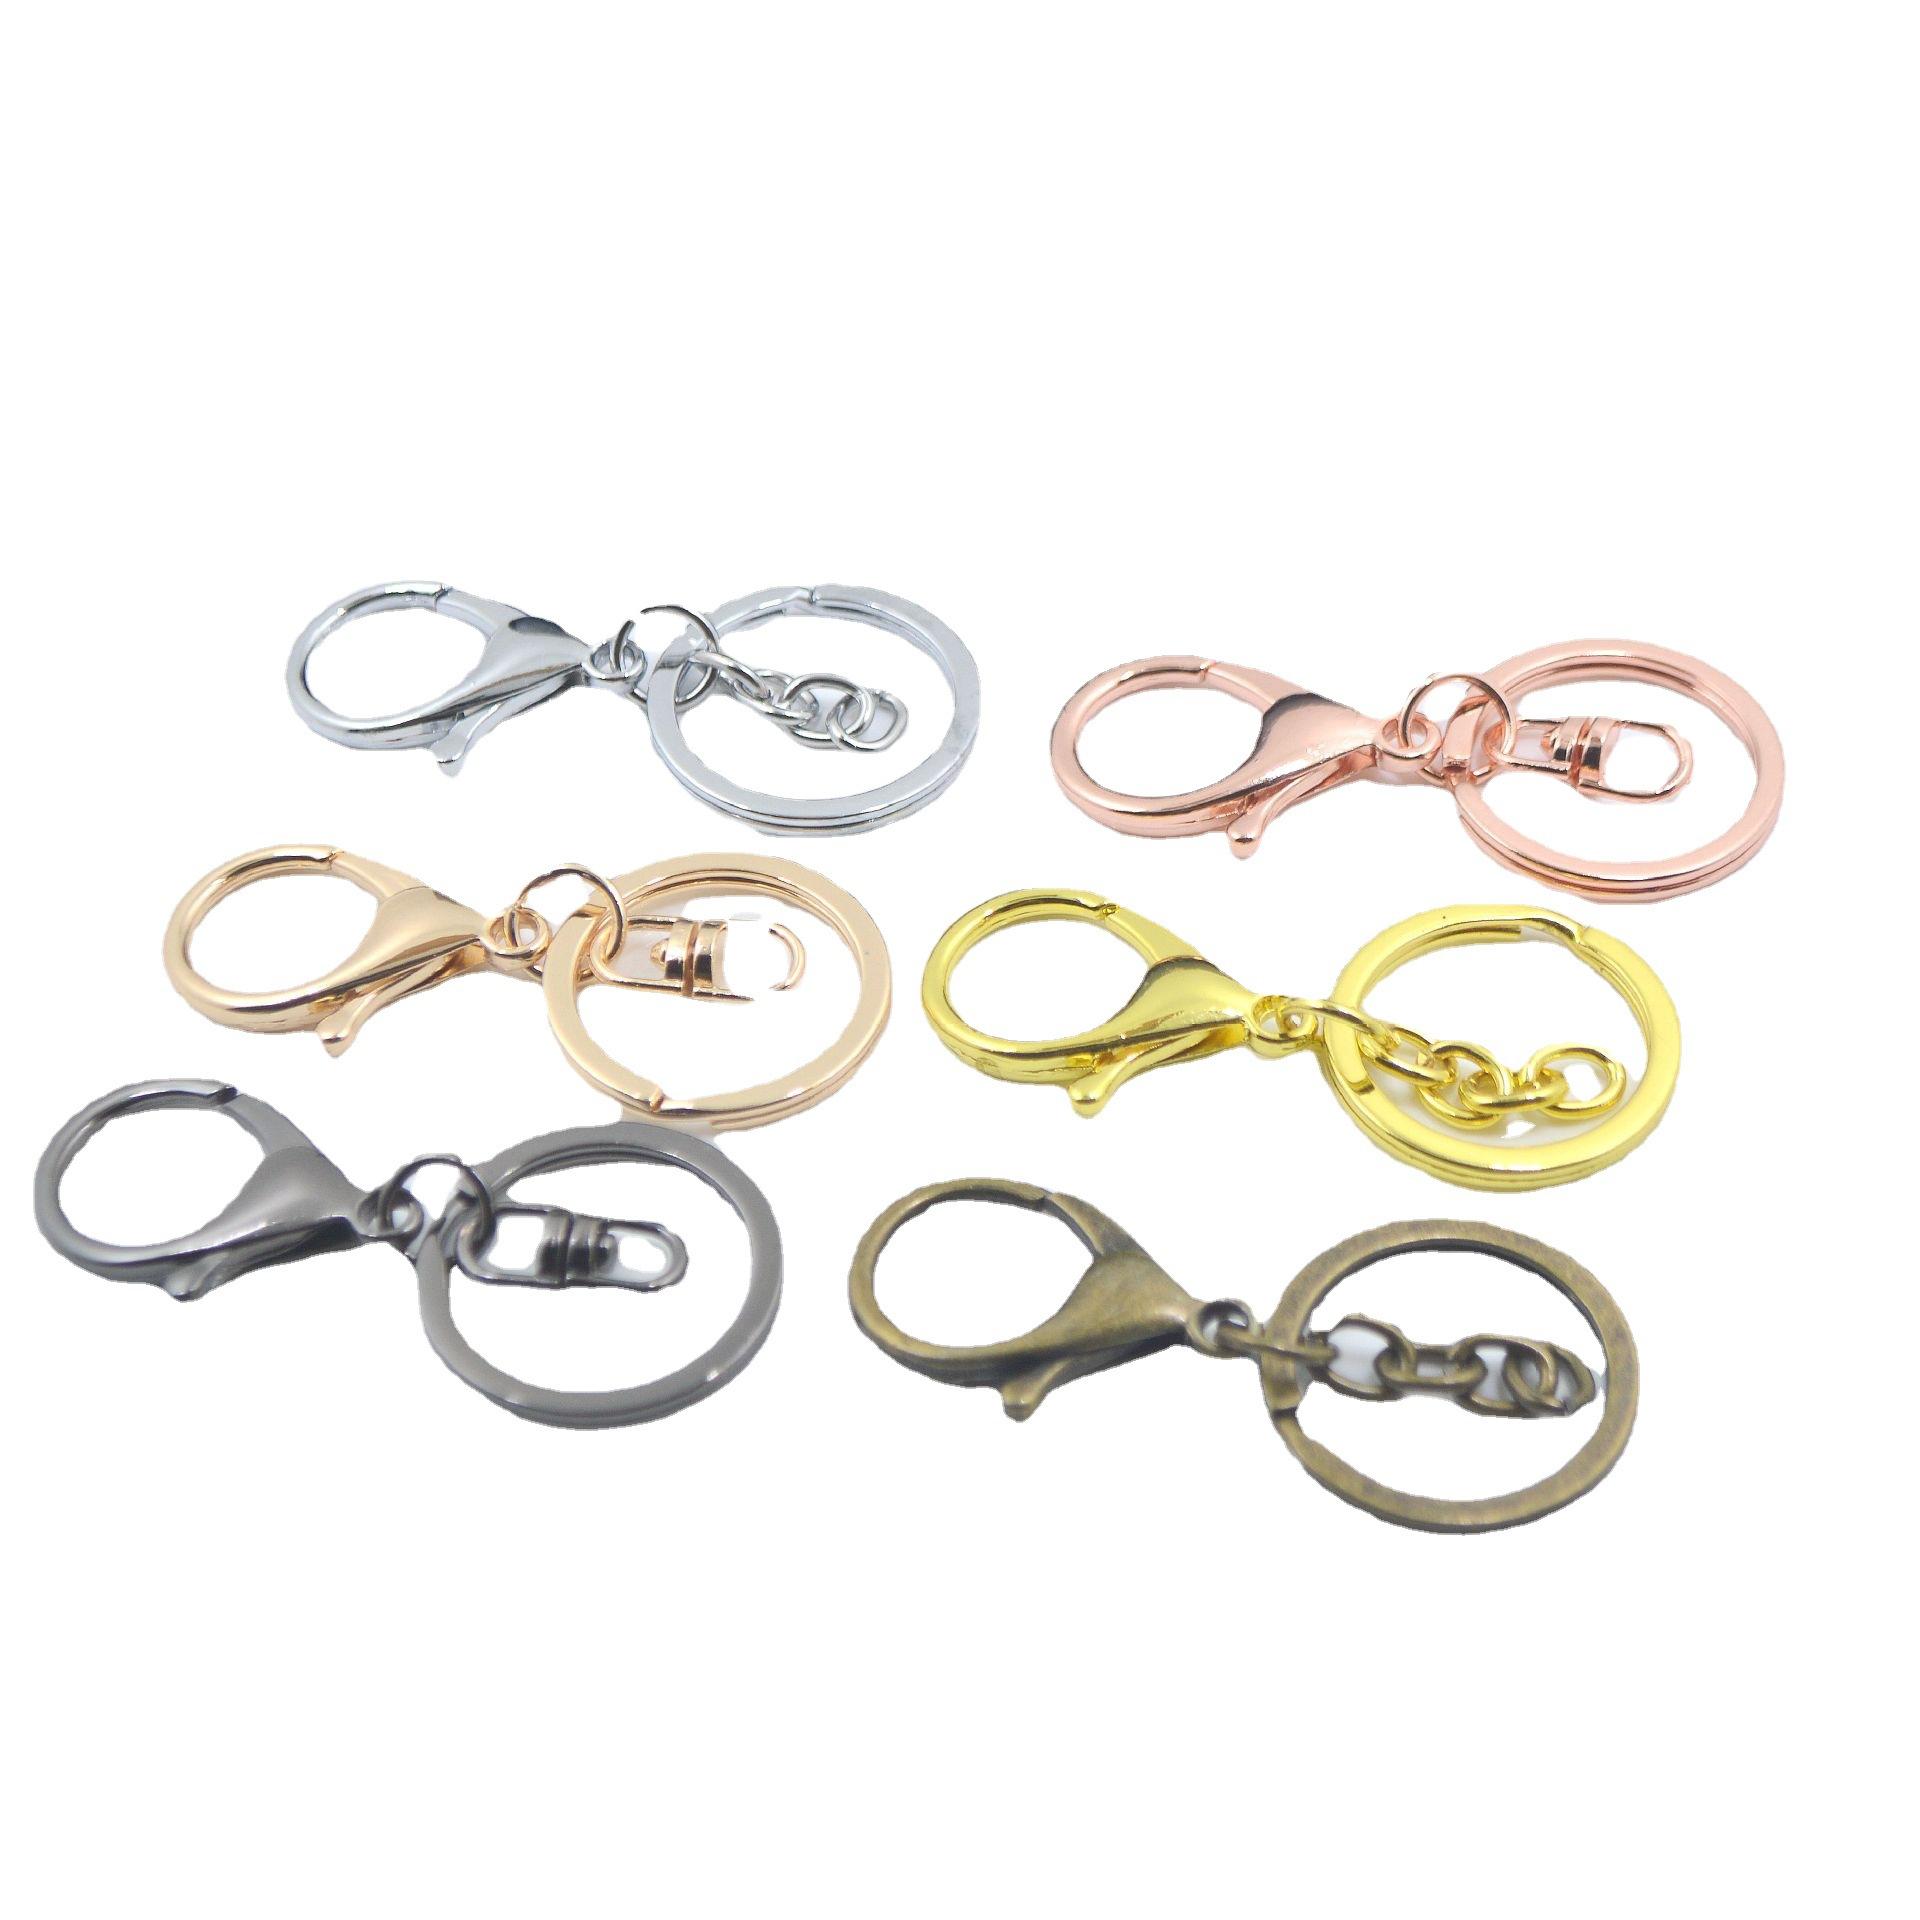 厂家直供30mm金属钥匙扣电镀封铀三件套 8字龙虾扣DIY服饰配件